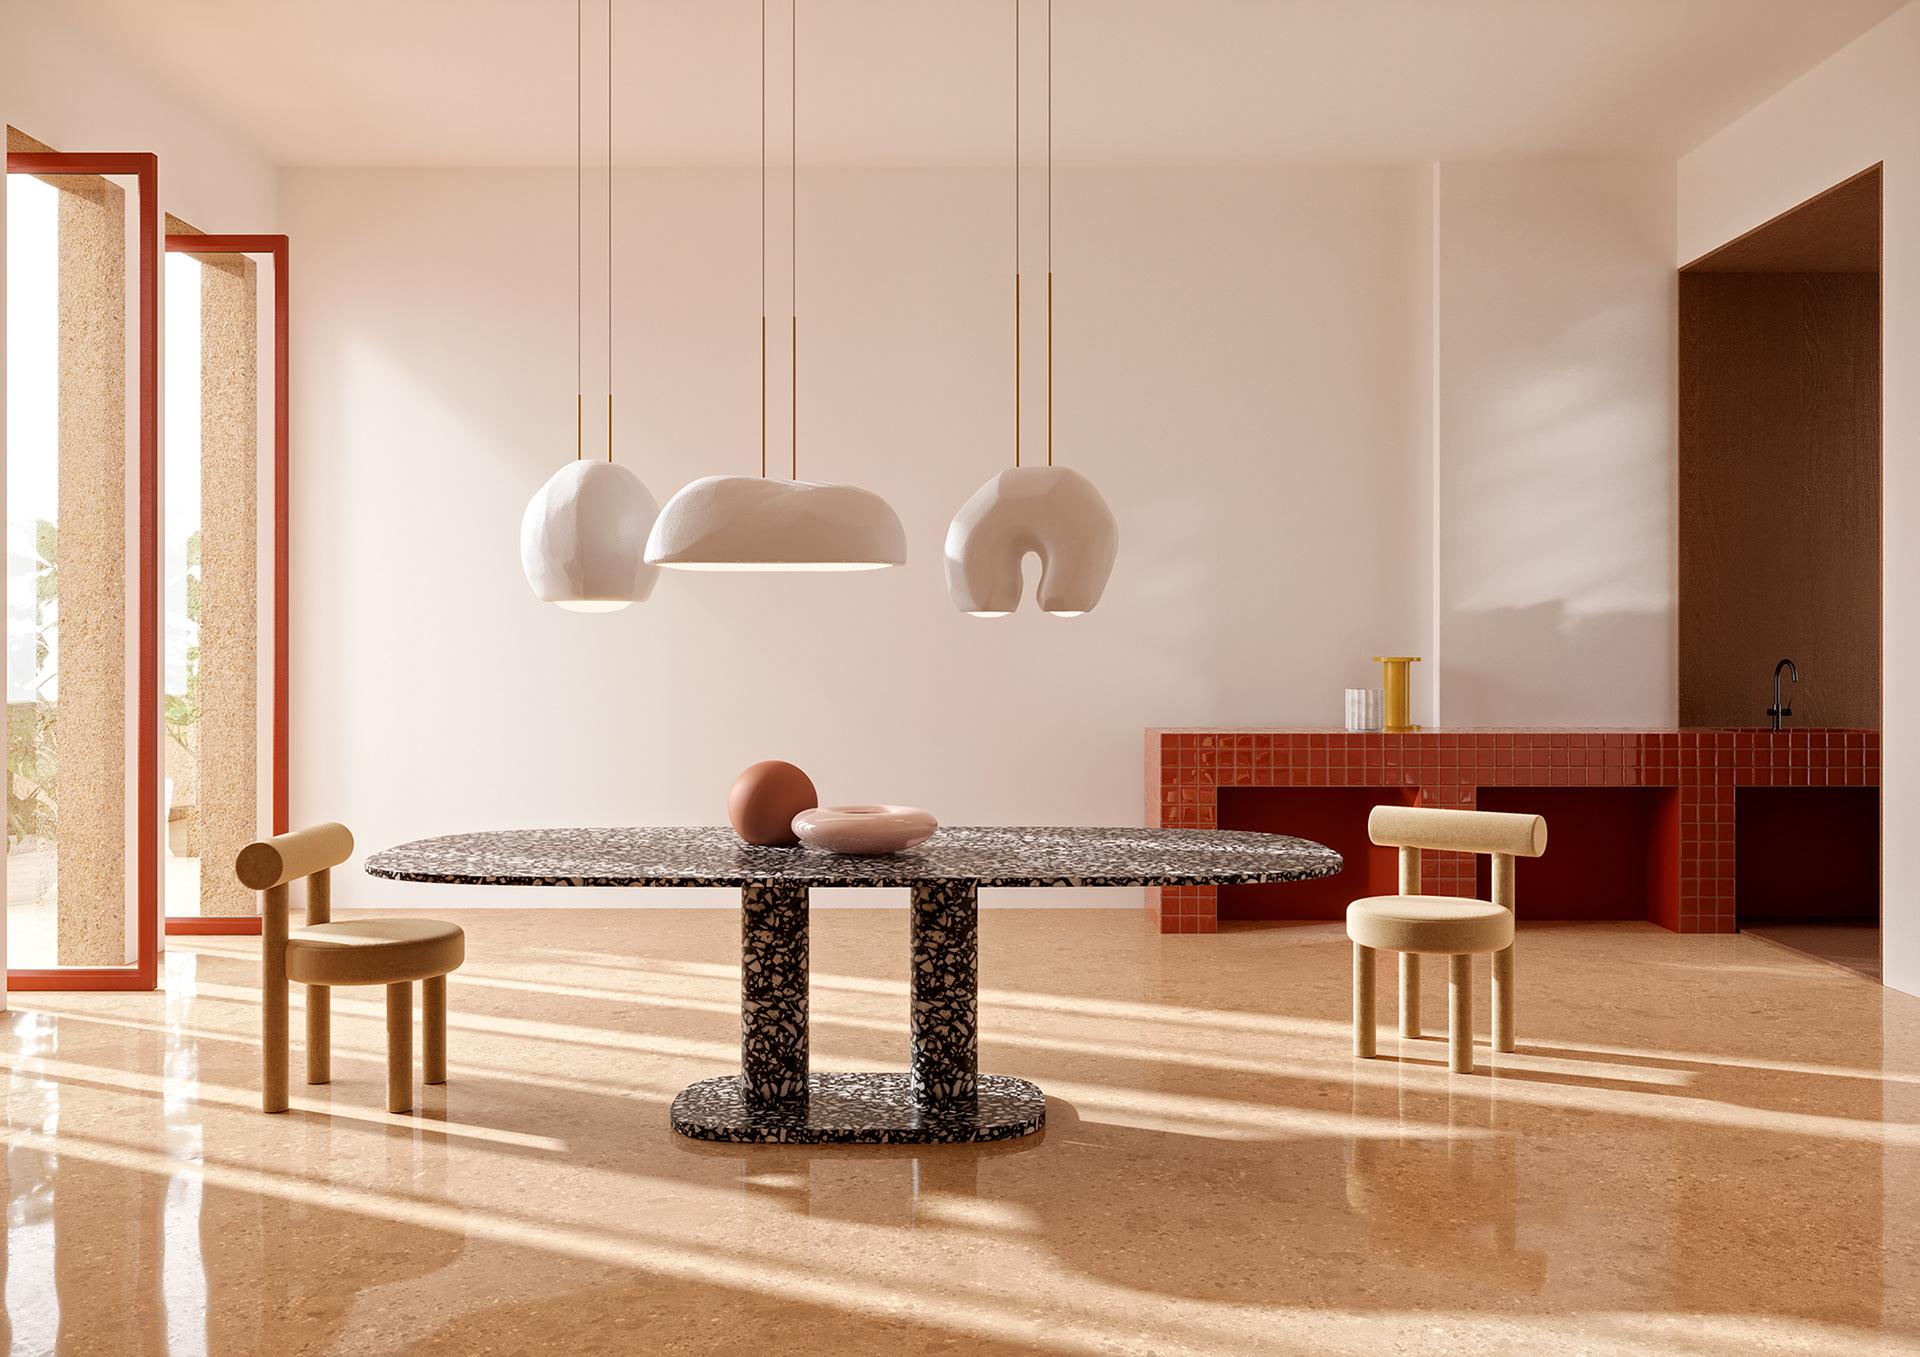 Le tube décore un intérieur atypique avec des pieds de table en terrazzo et des sièges